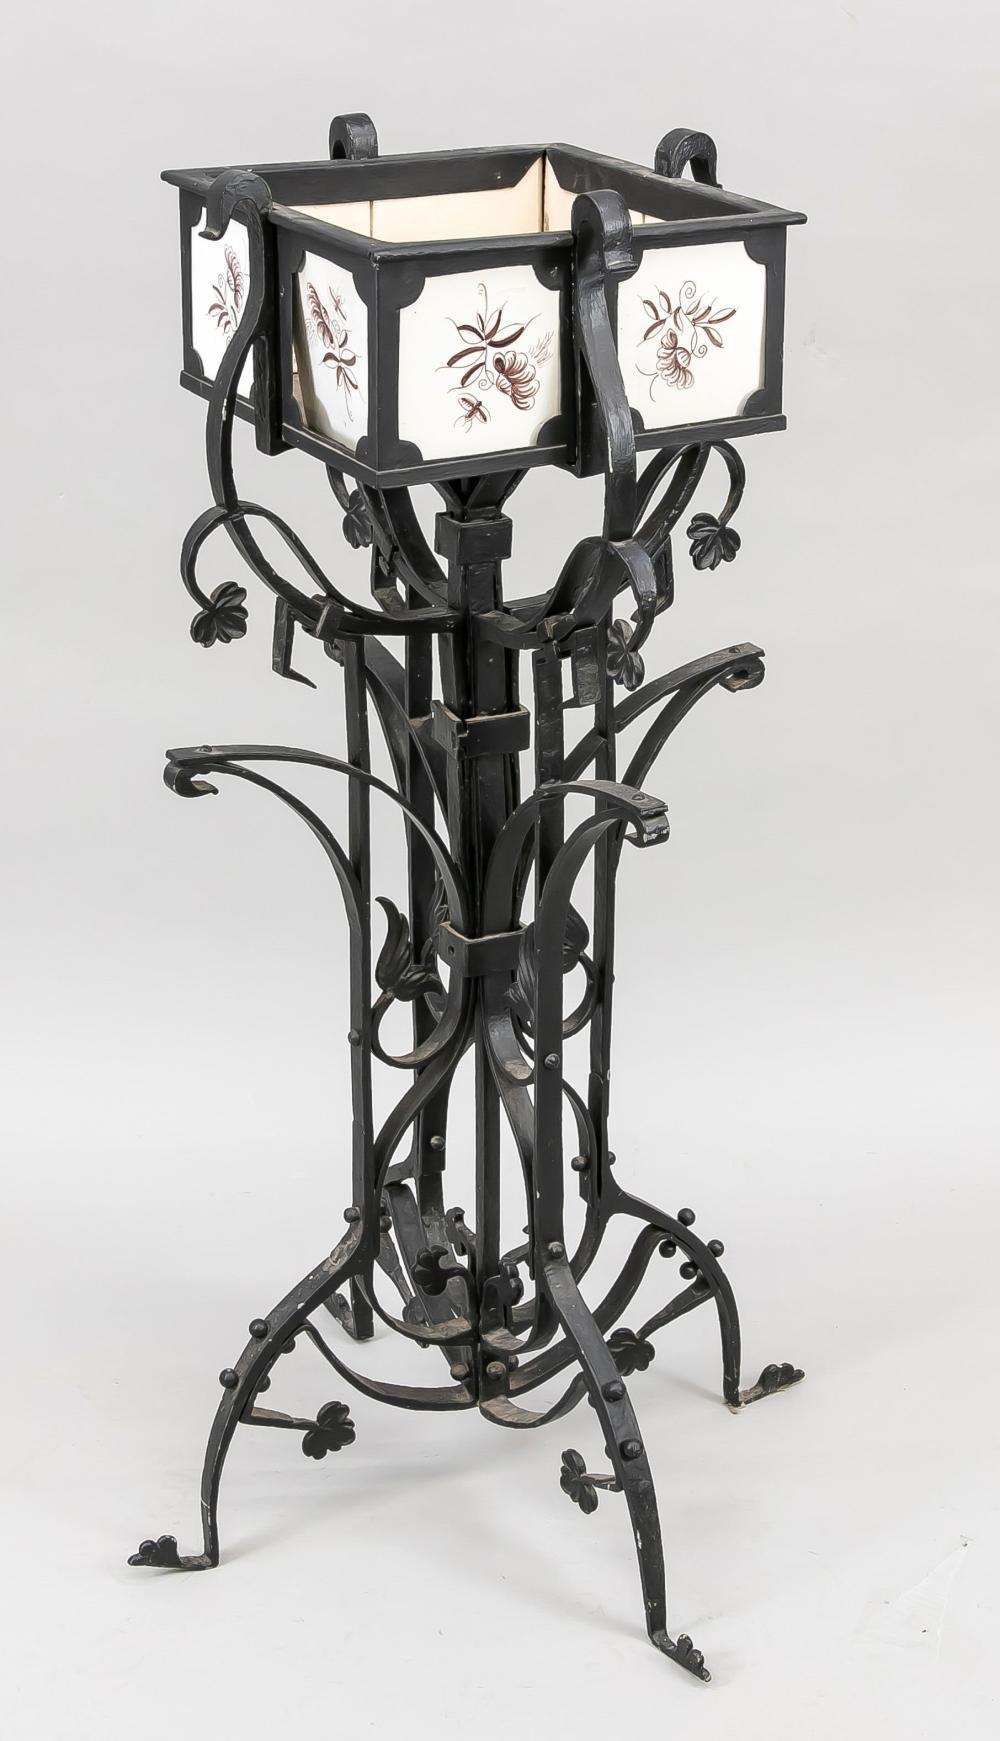 Gardiniere, 20th c., cast iron, b